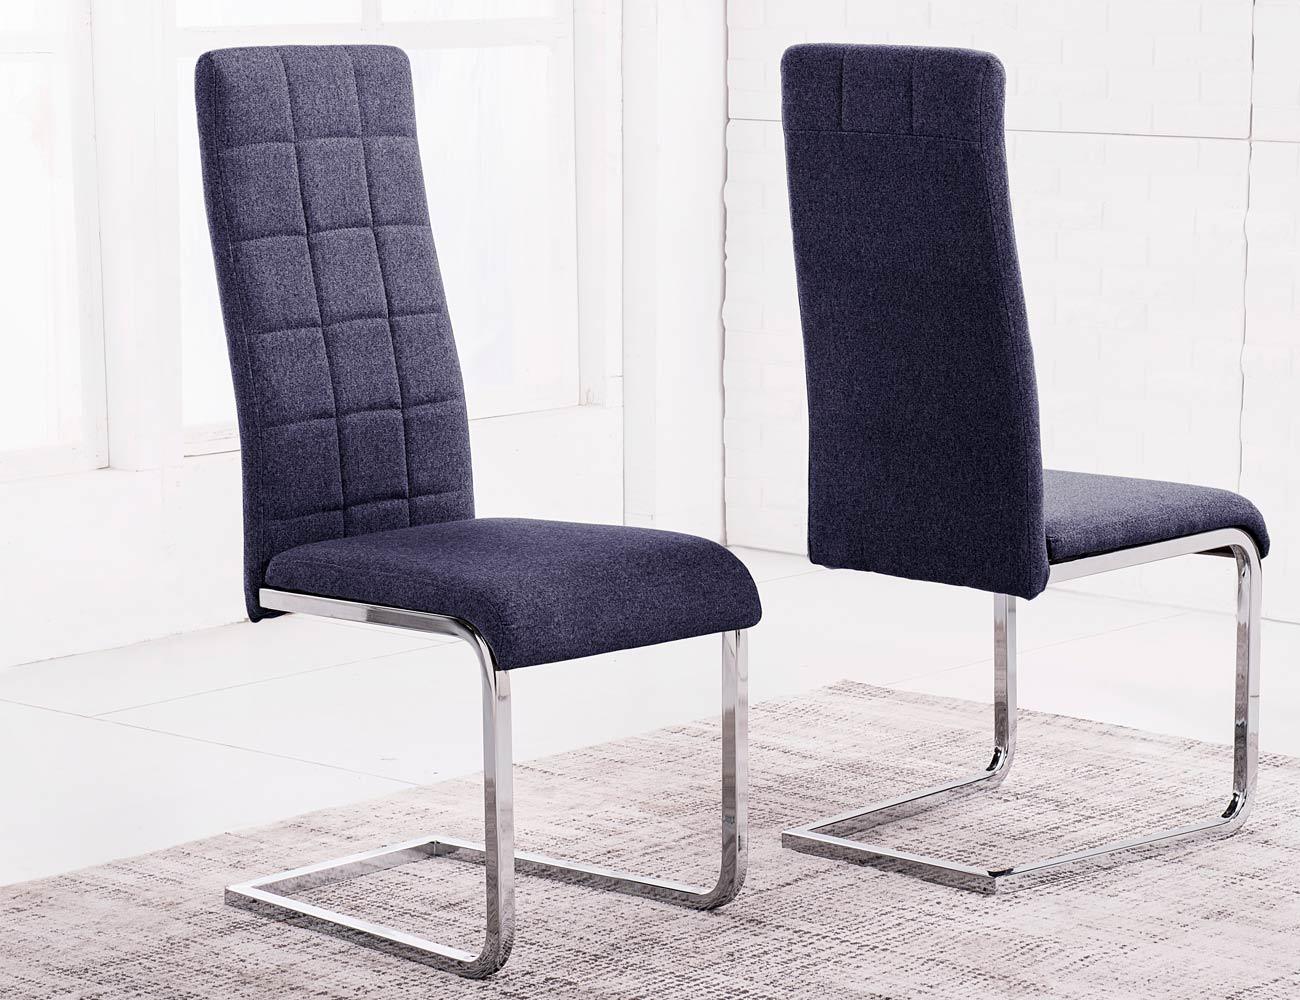 Pack de sillas con sistema amortiguaci n y respaldo alto - Puf con respaldo ...